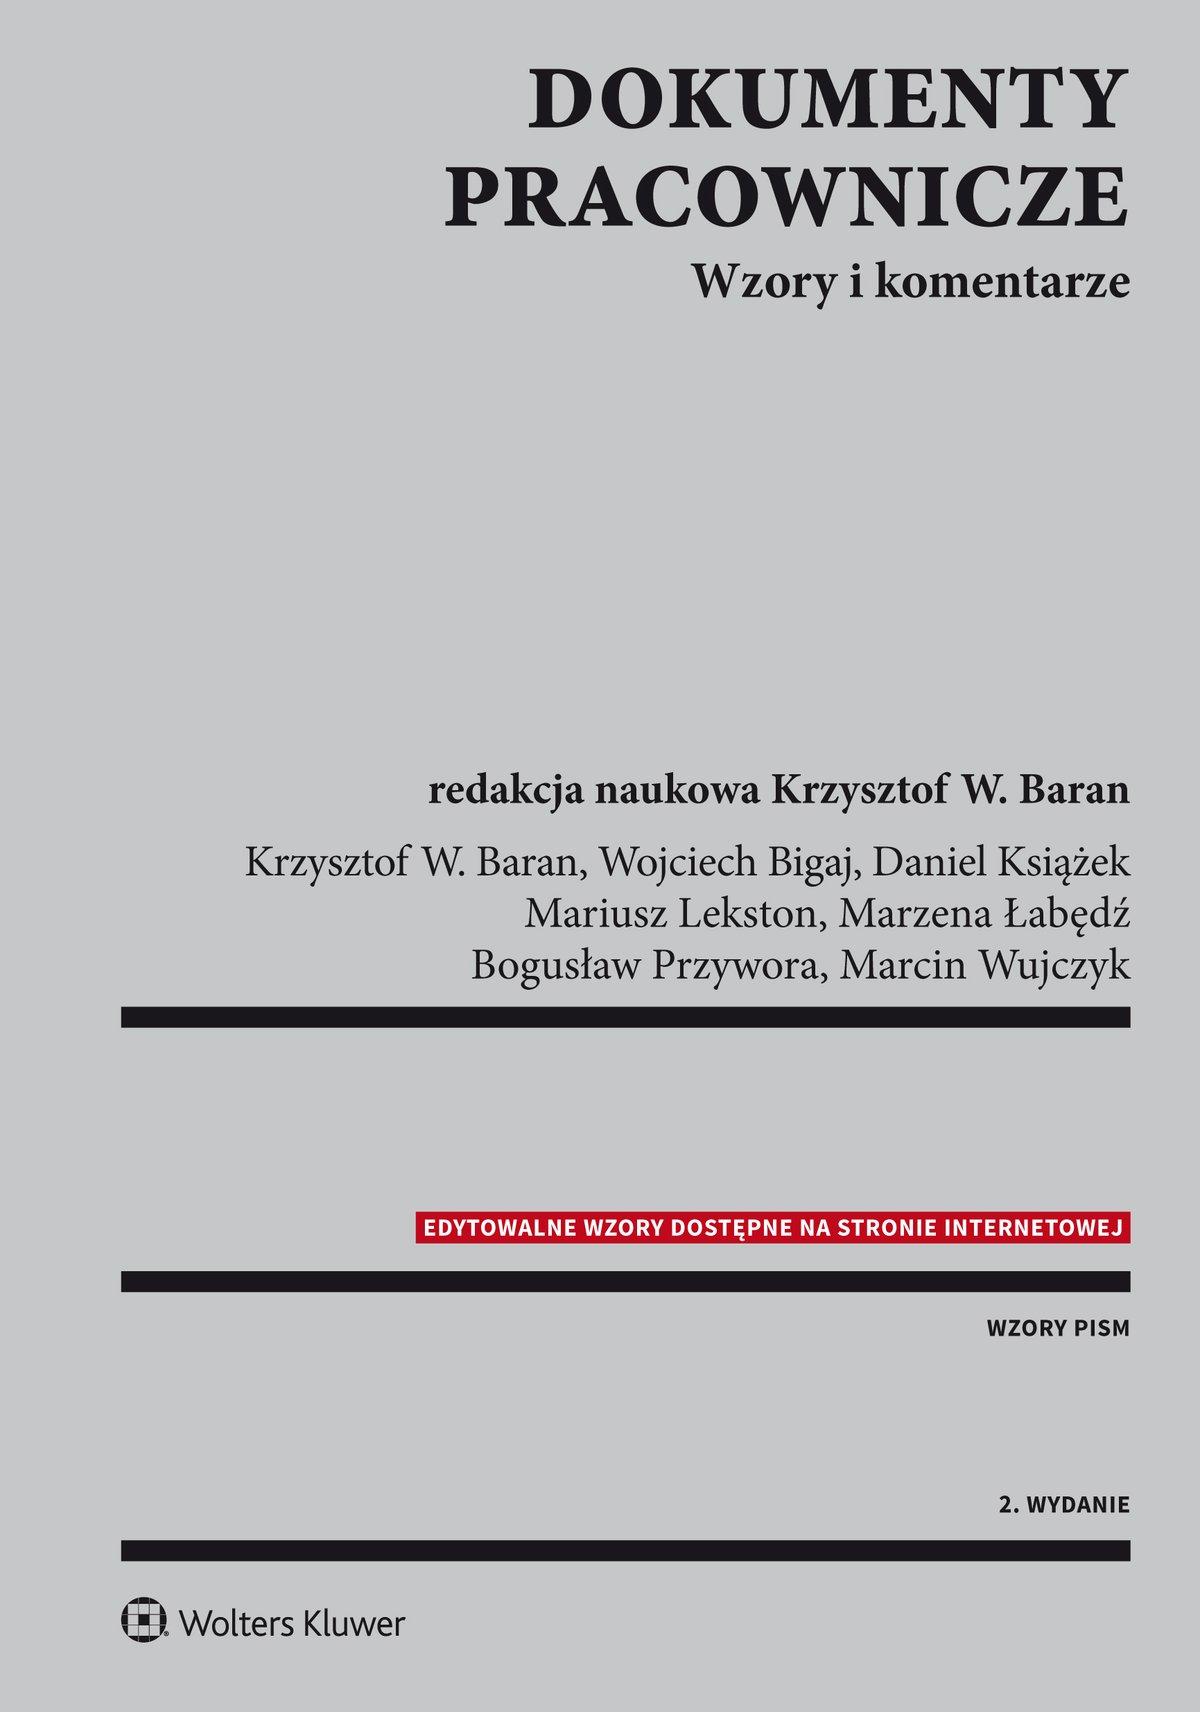 Dokumenty pracownicze. Wzory i komentarze - Ebook (Książka PDF) do pobrania w formacie PDF